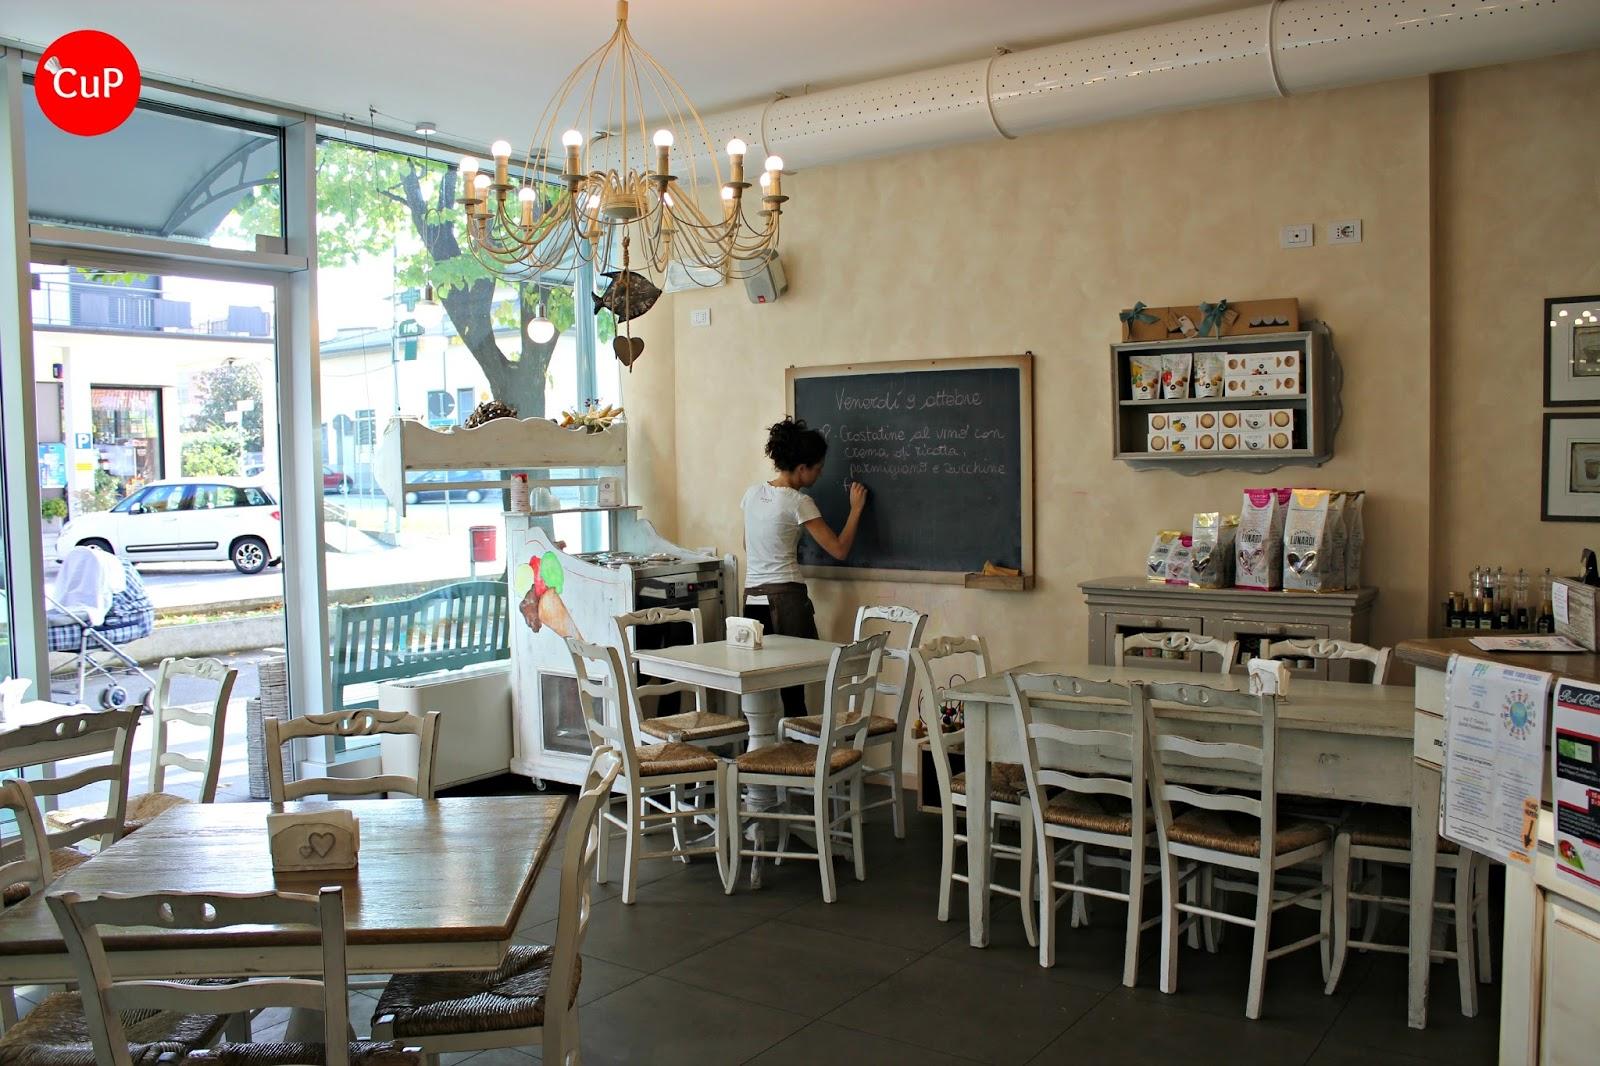 Preferenza Bonheur Cafè - Villa d'Almè (BG) GK44